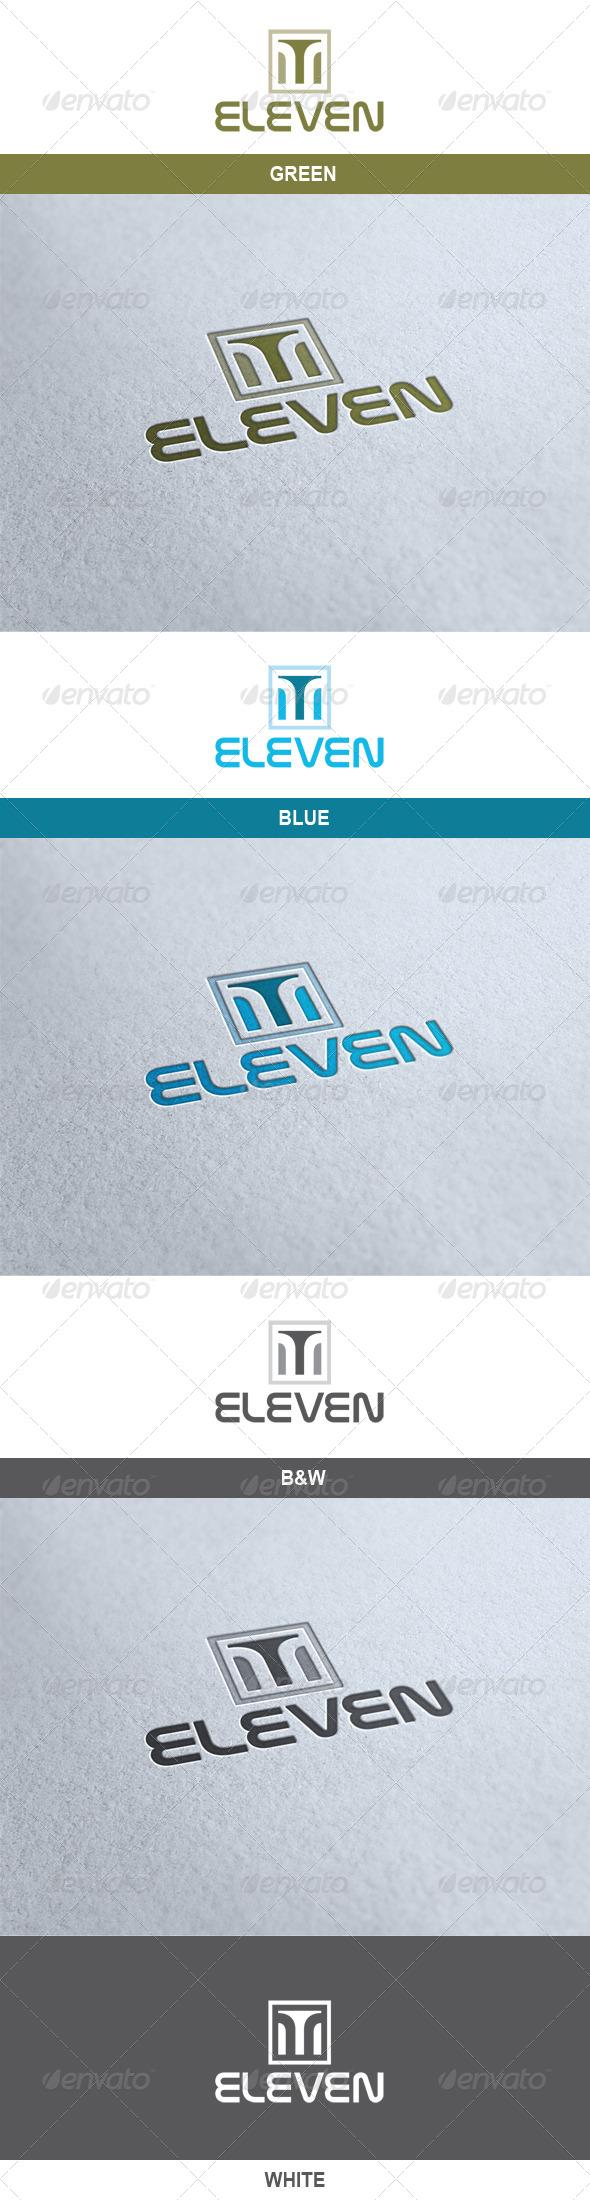 GraphicRiver Eleven Logo 6724343